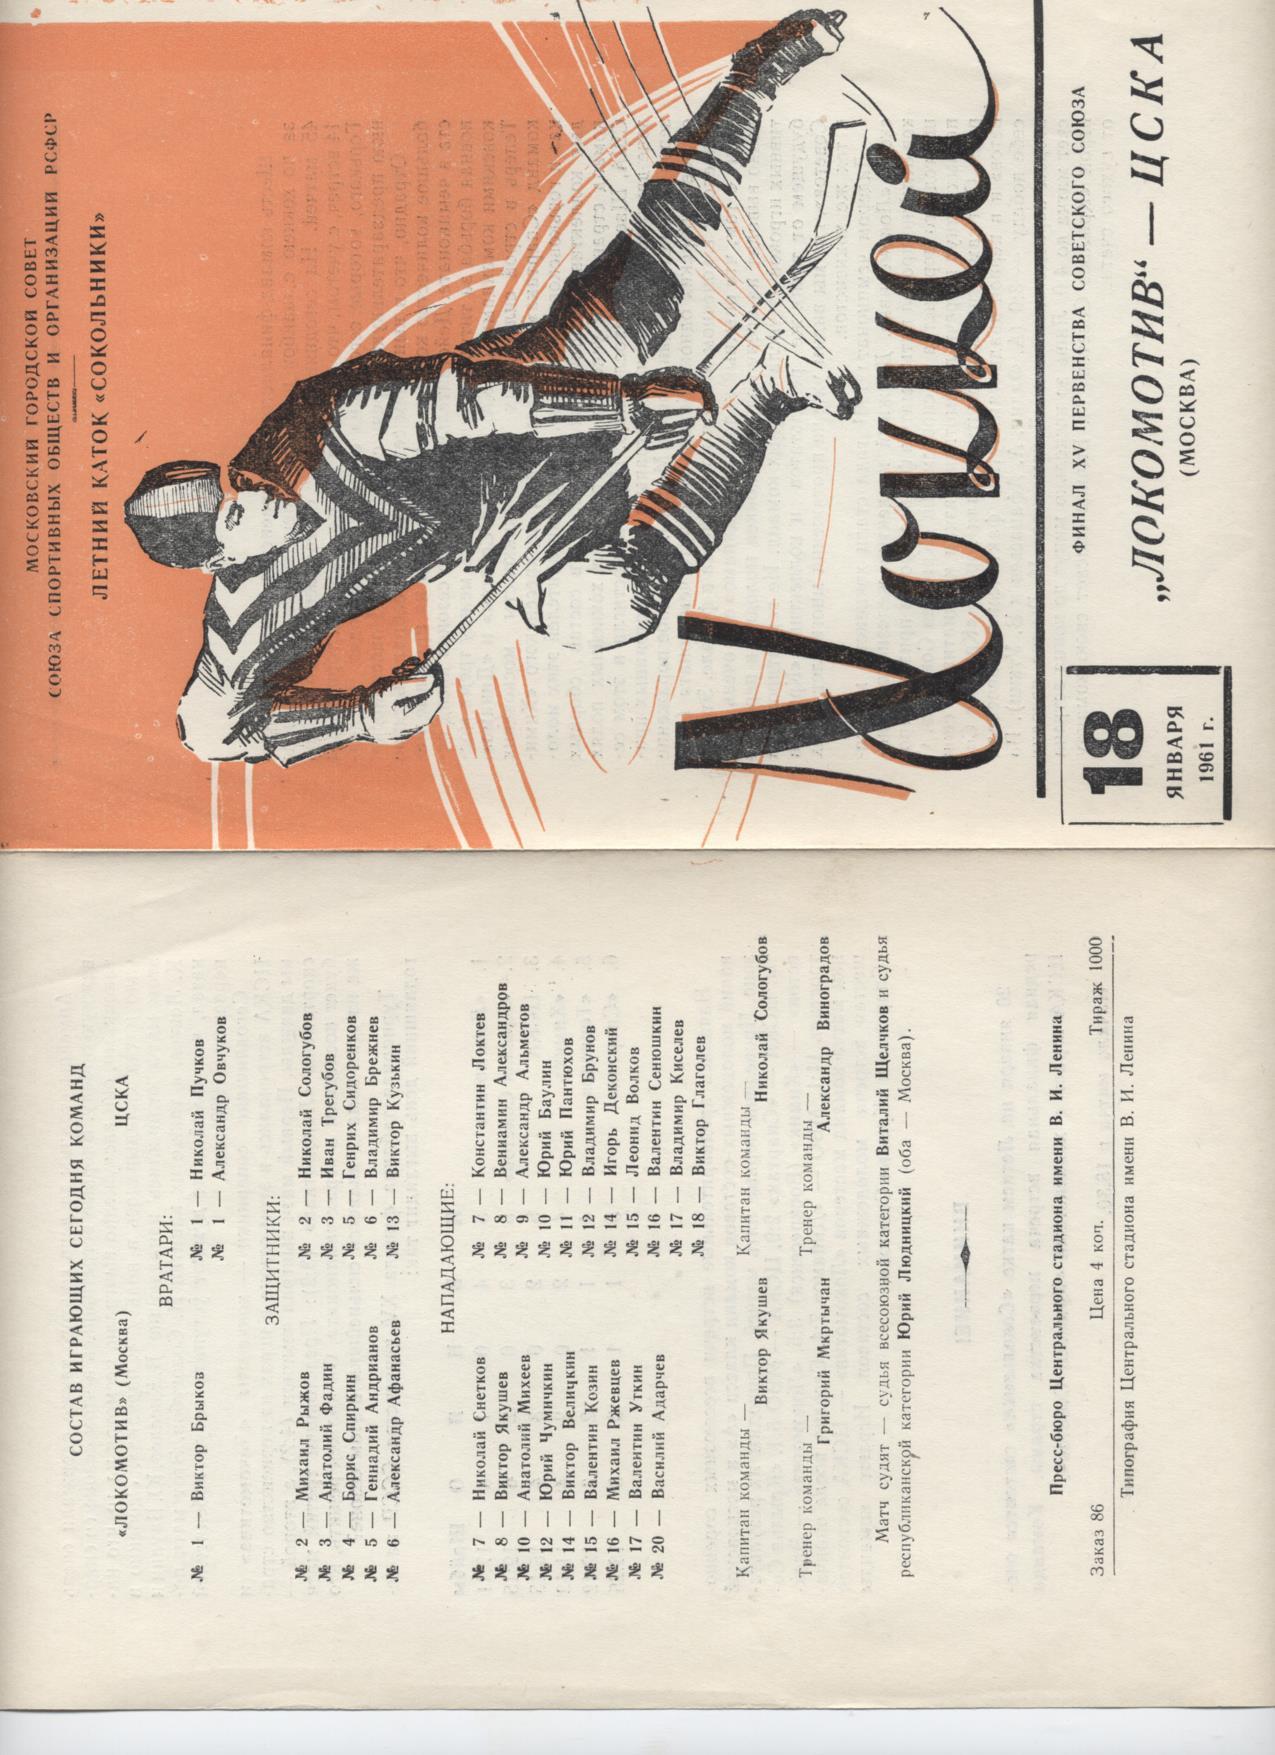 19610118-1.jpg